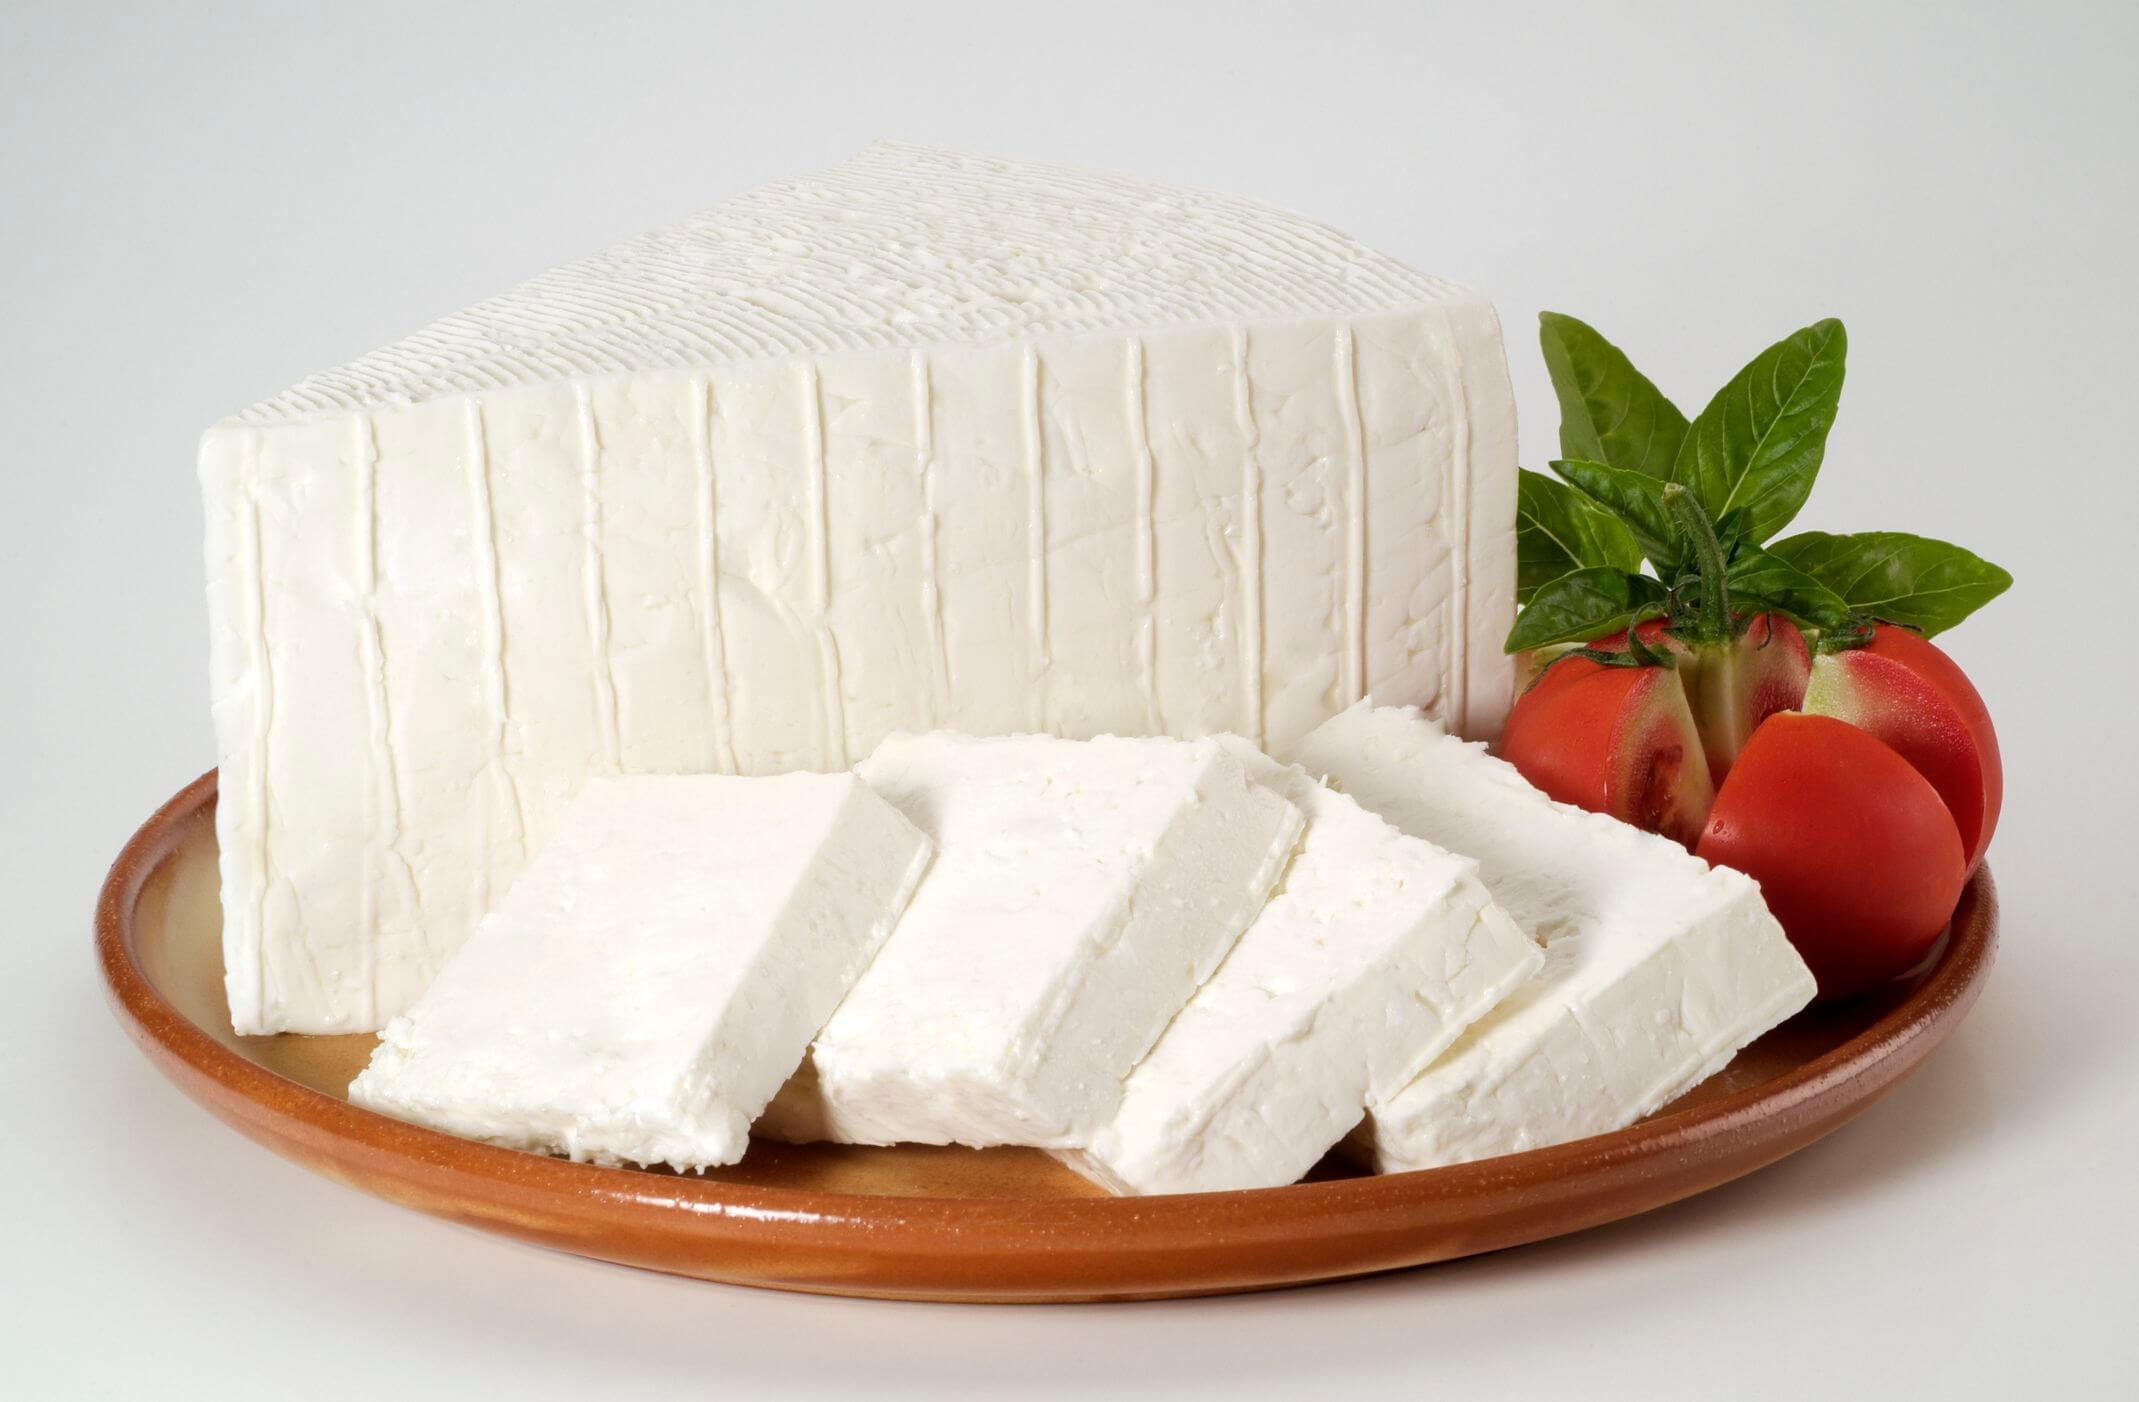 انواع  پنیر صبحانه را با چه قیمتی بخریم ؟